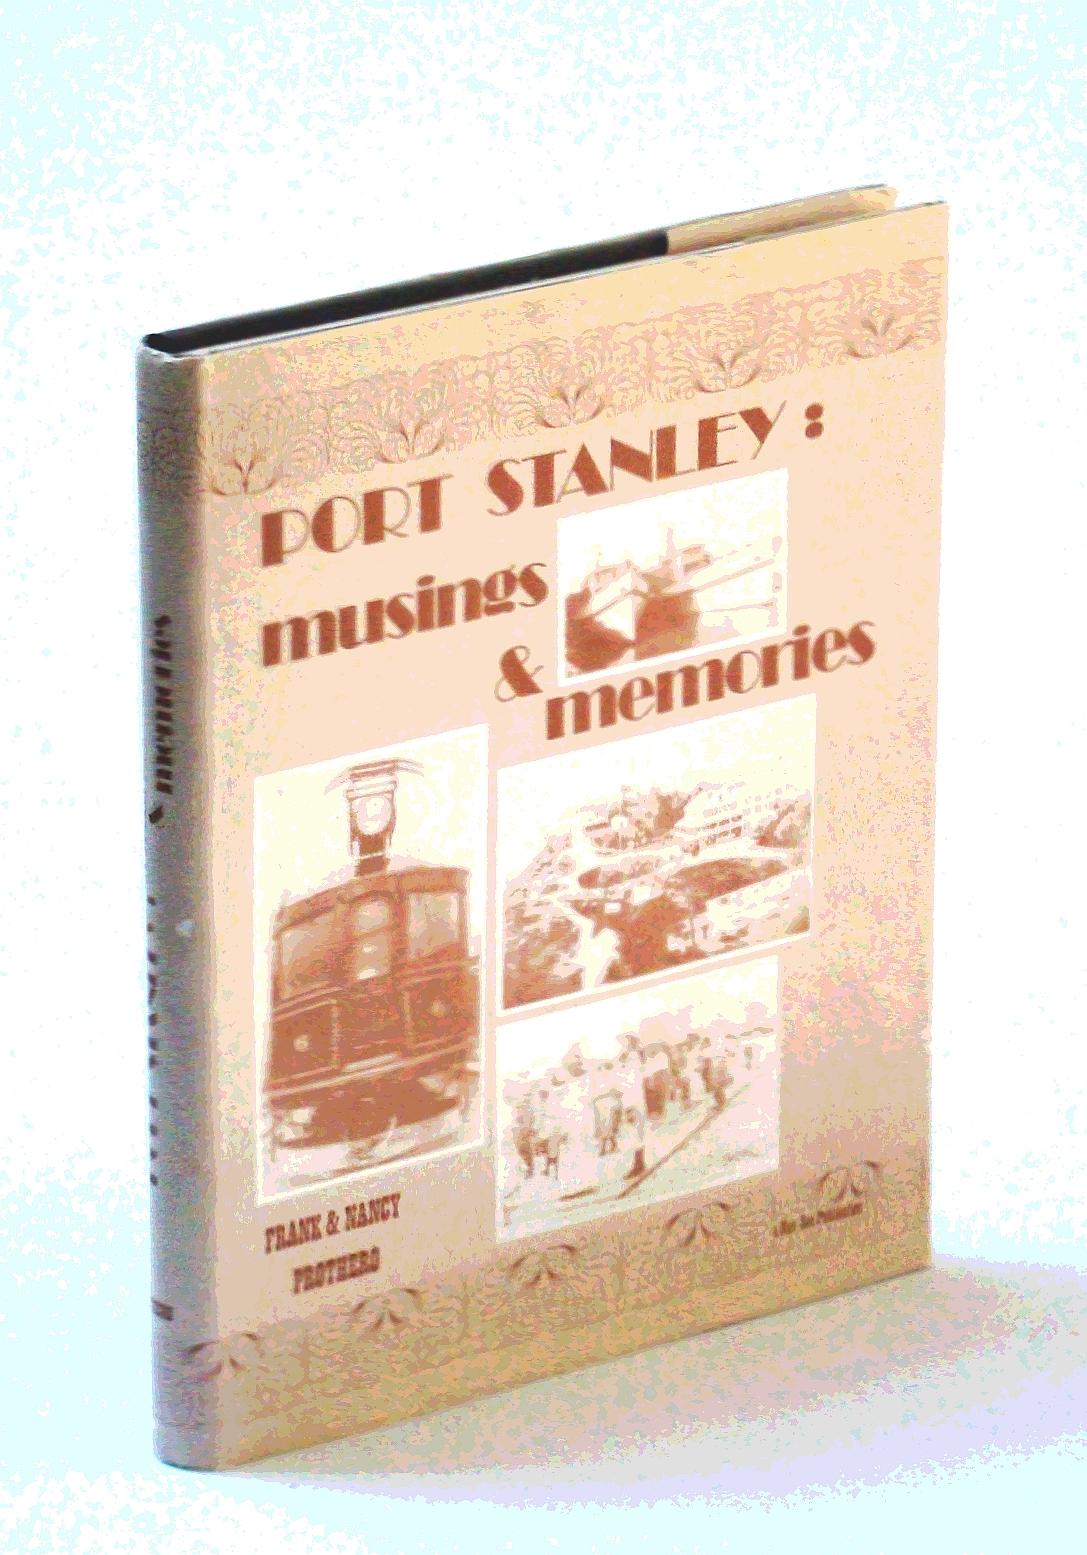 Port Stanley: Musings & Memories